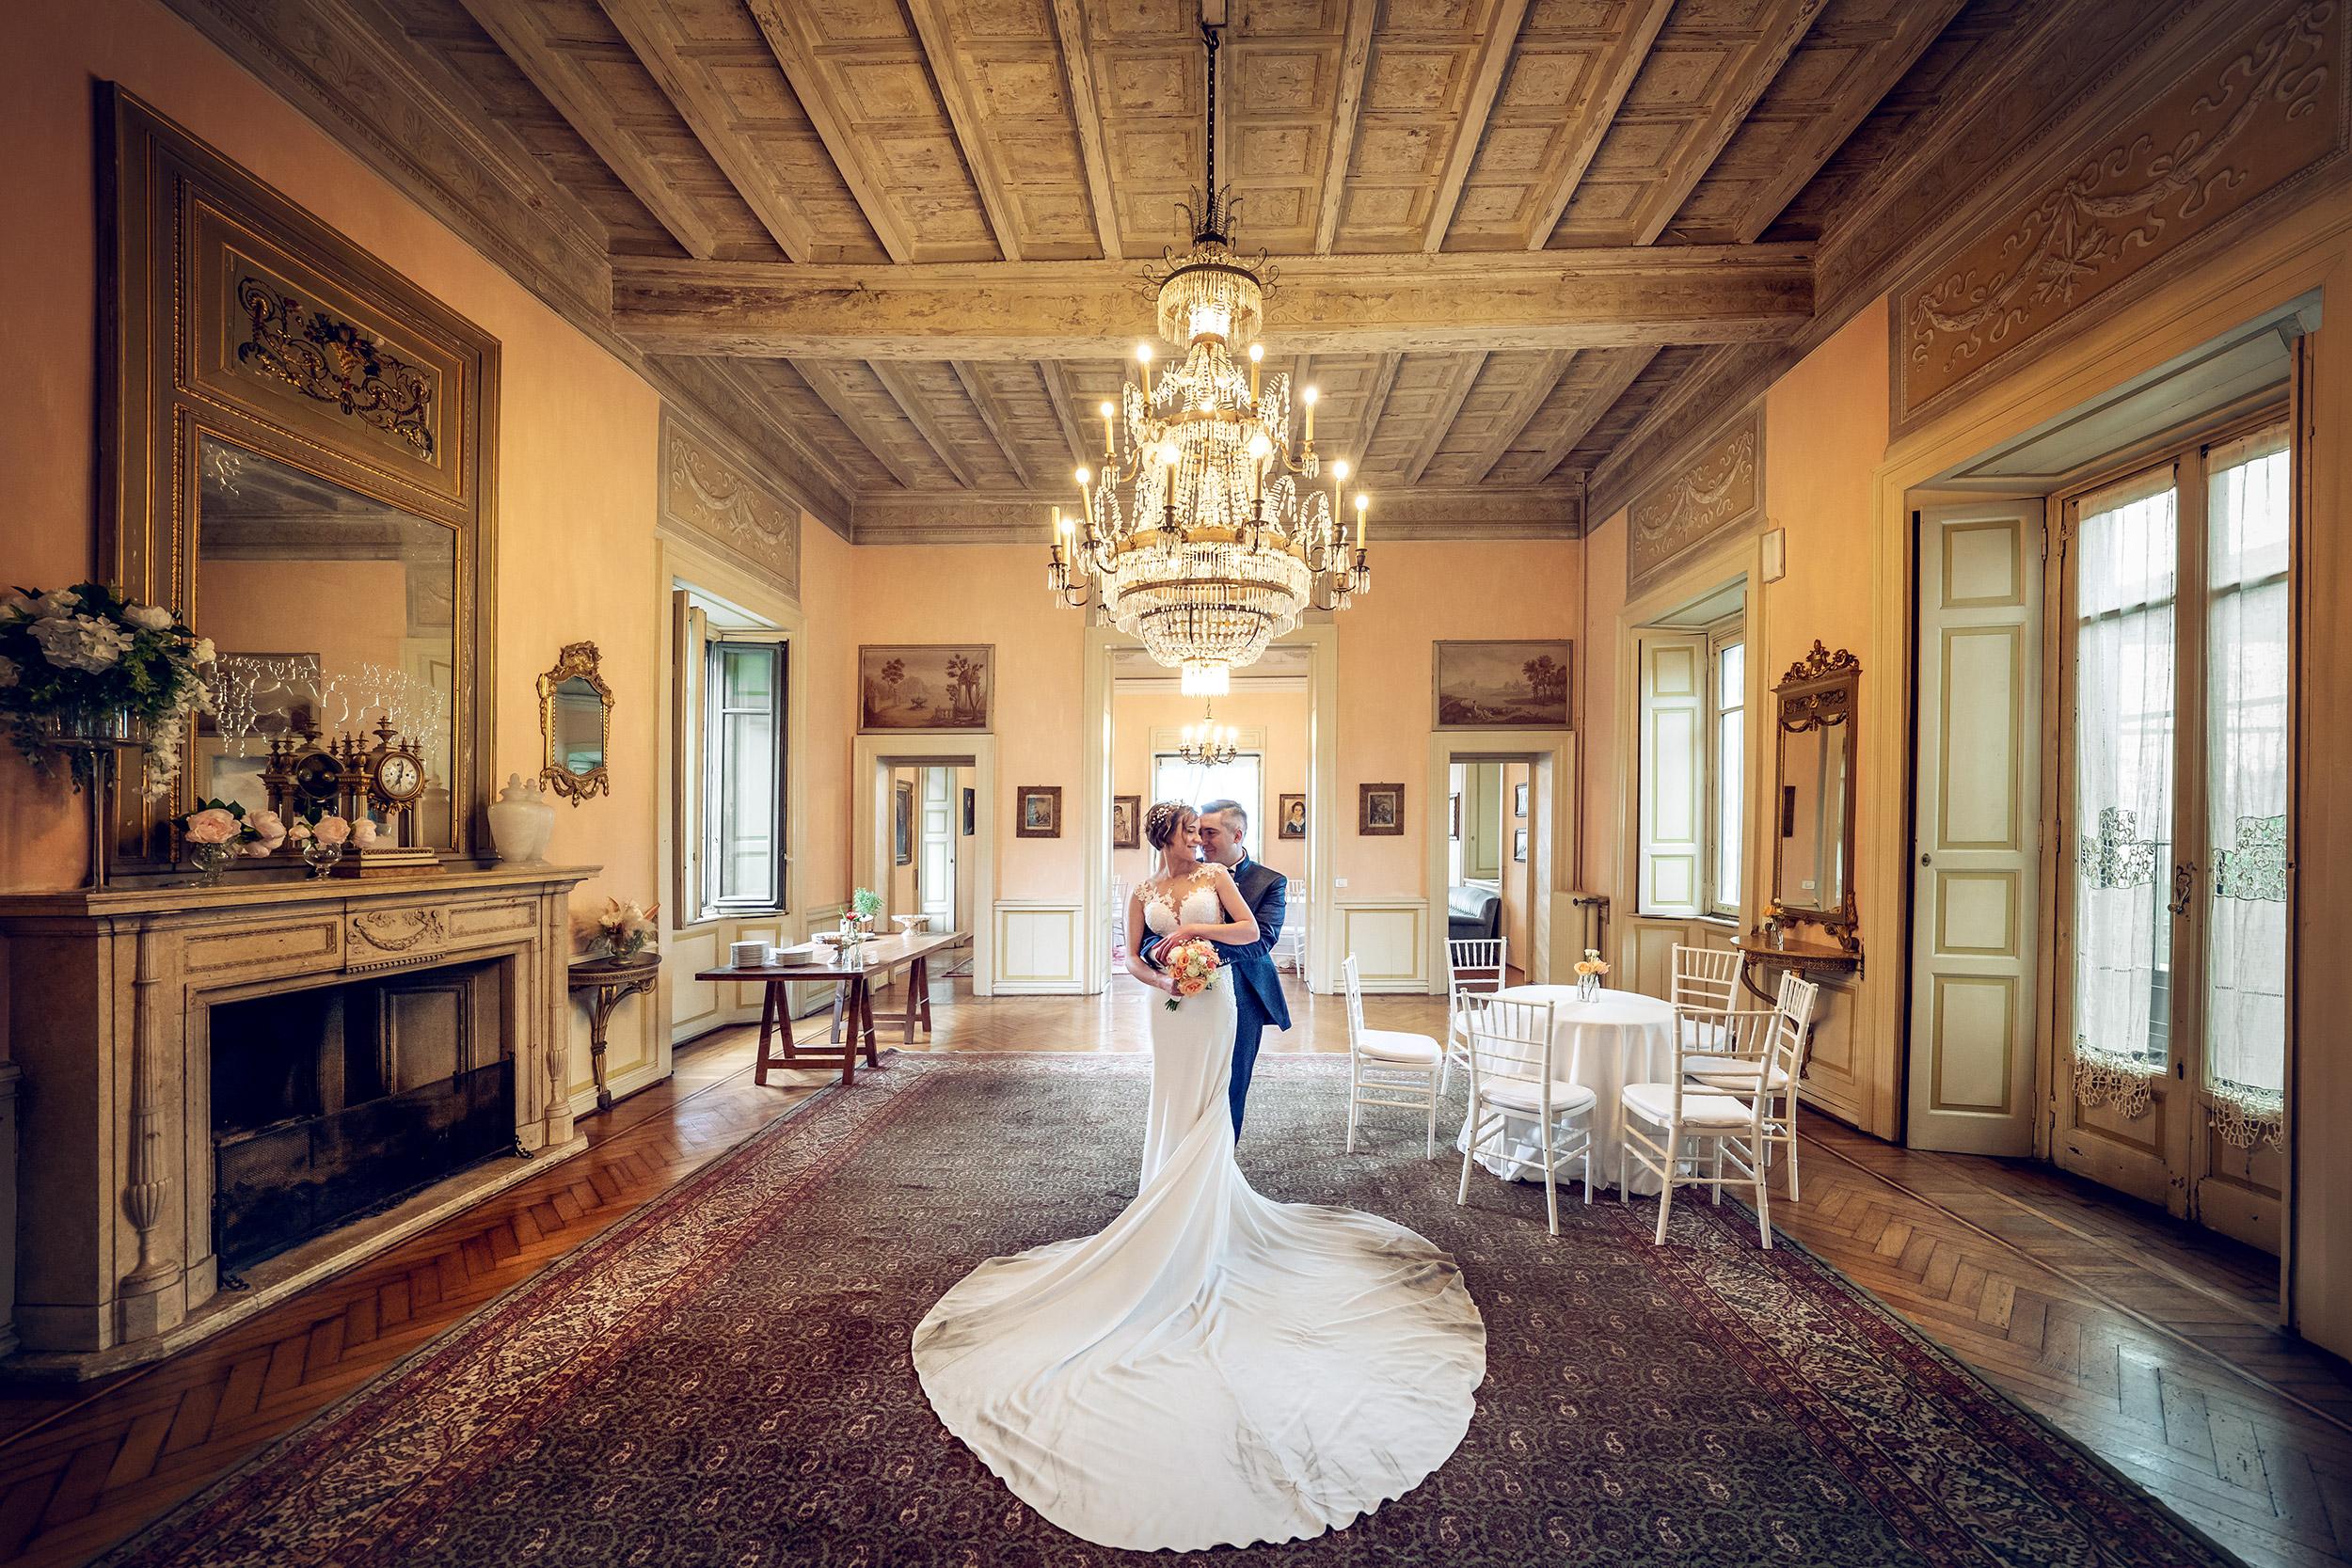 000 reportage foto matrimonio wedding ritratto sposi villa le due torrette erba como 3